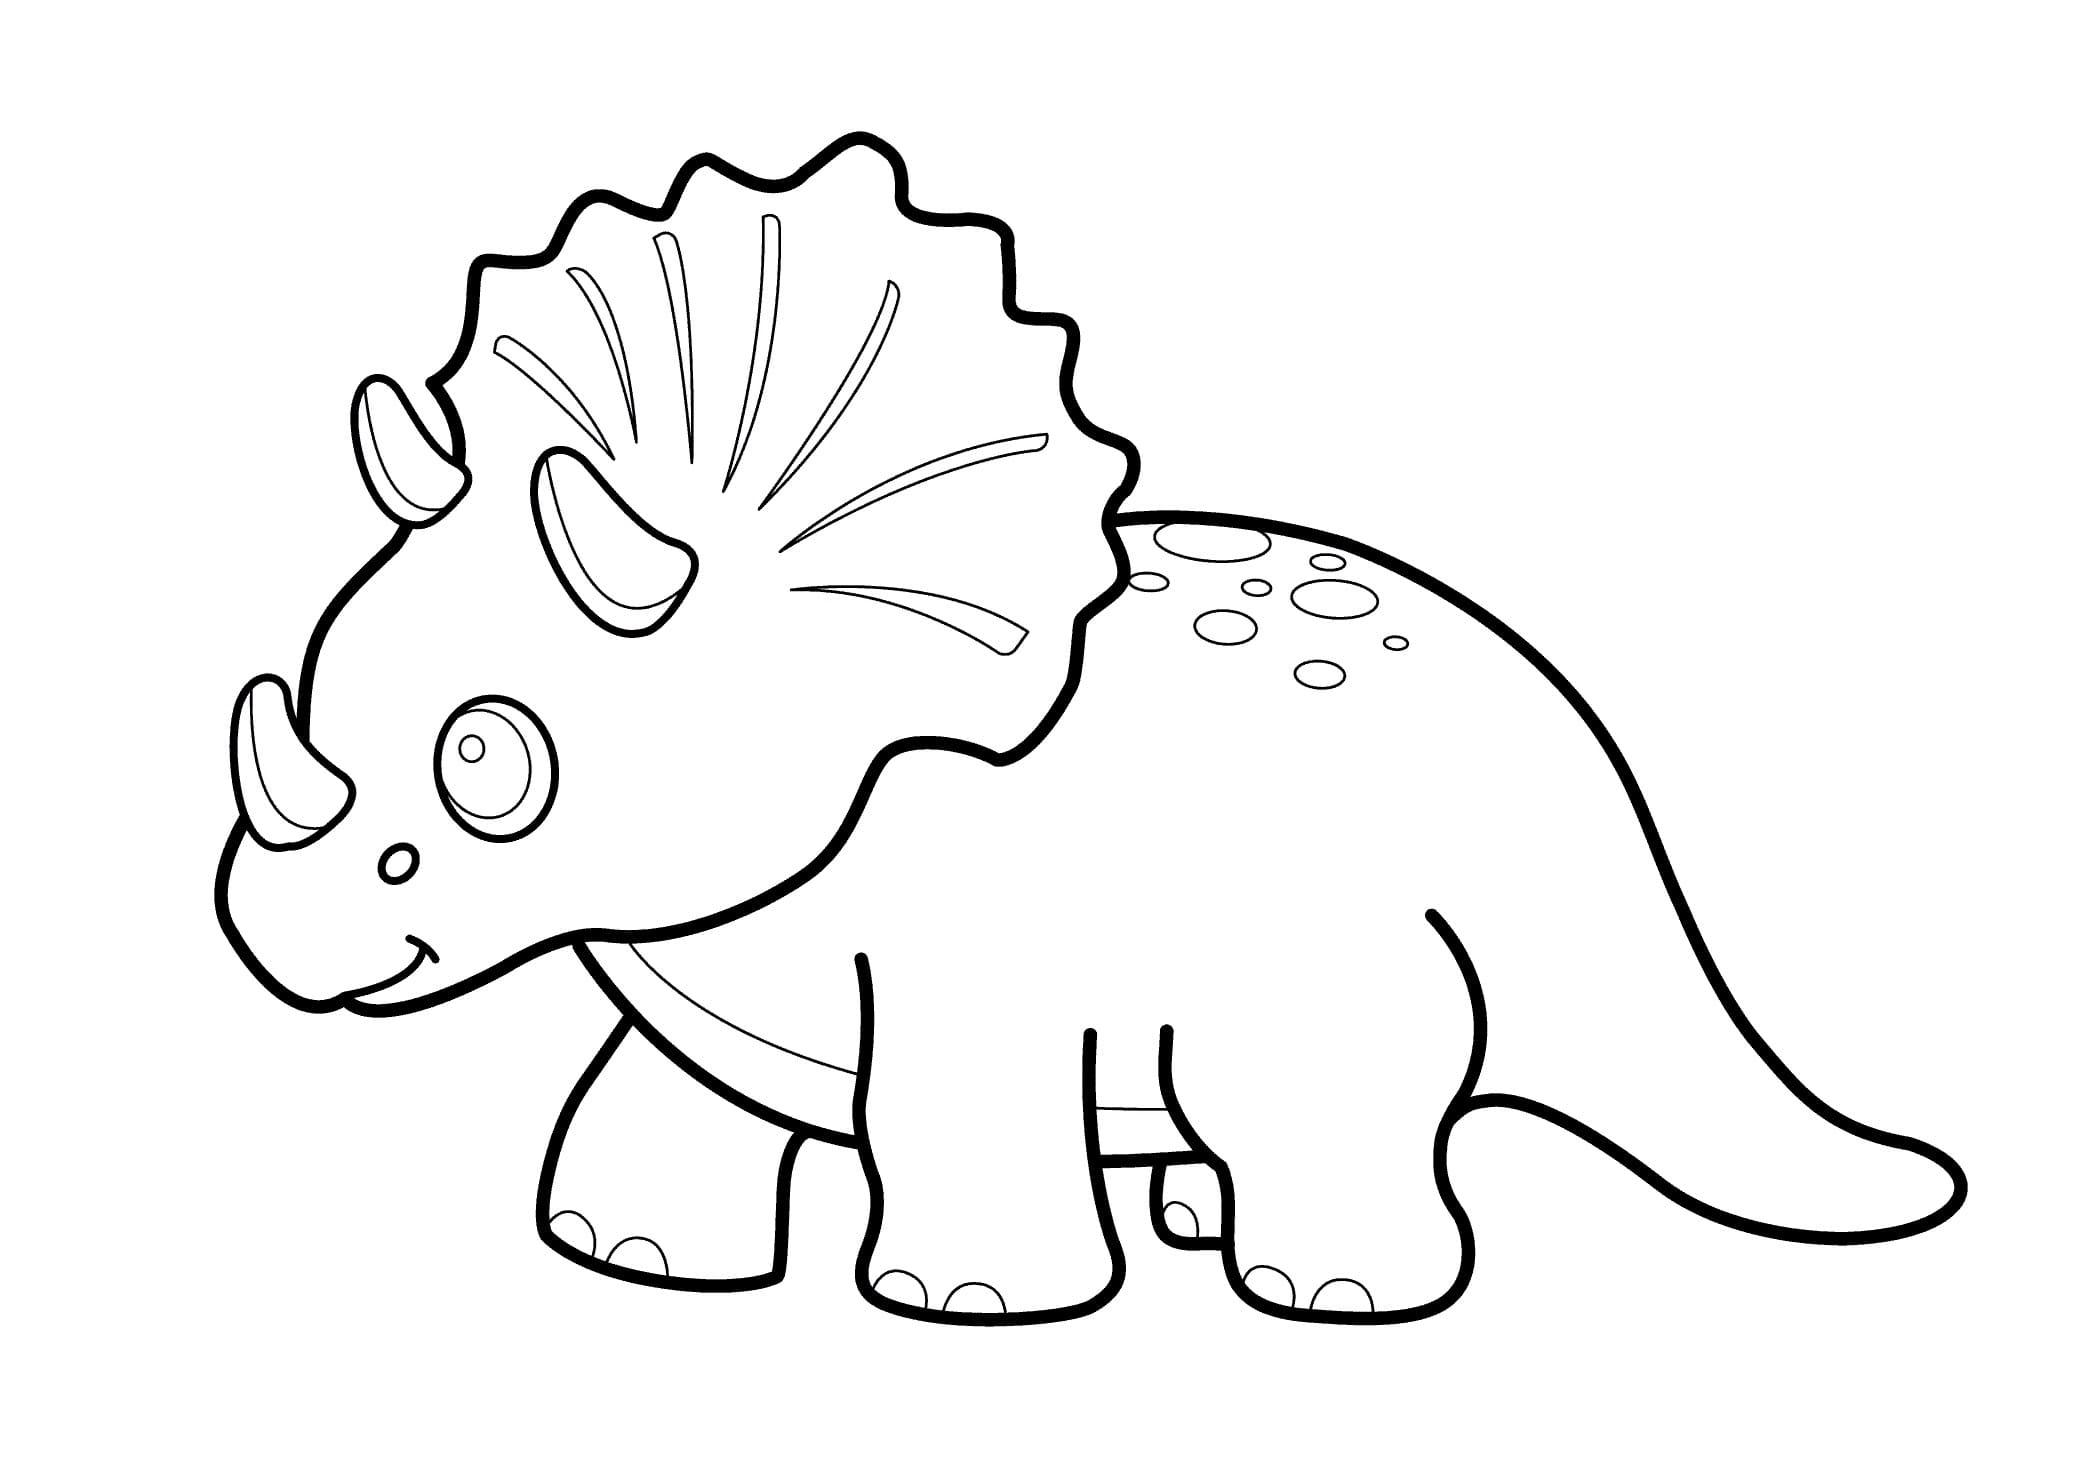 Ausmalbilder Triceratops. Kostenlos Herunterladen Oder über Ausmalbilder Kostenlos Dinosaurier